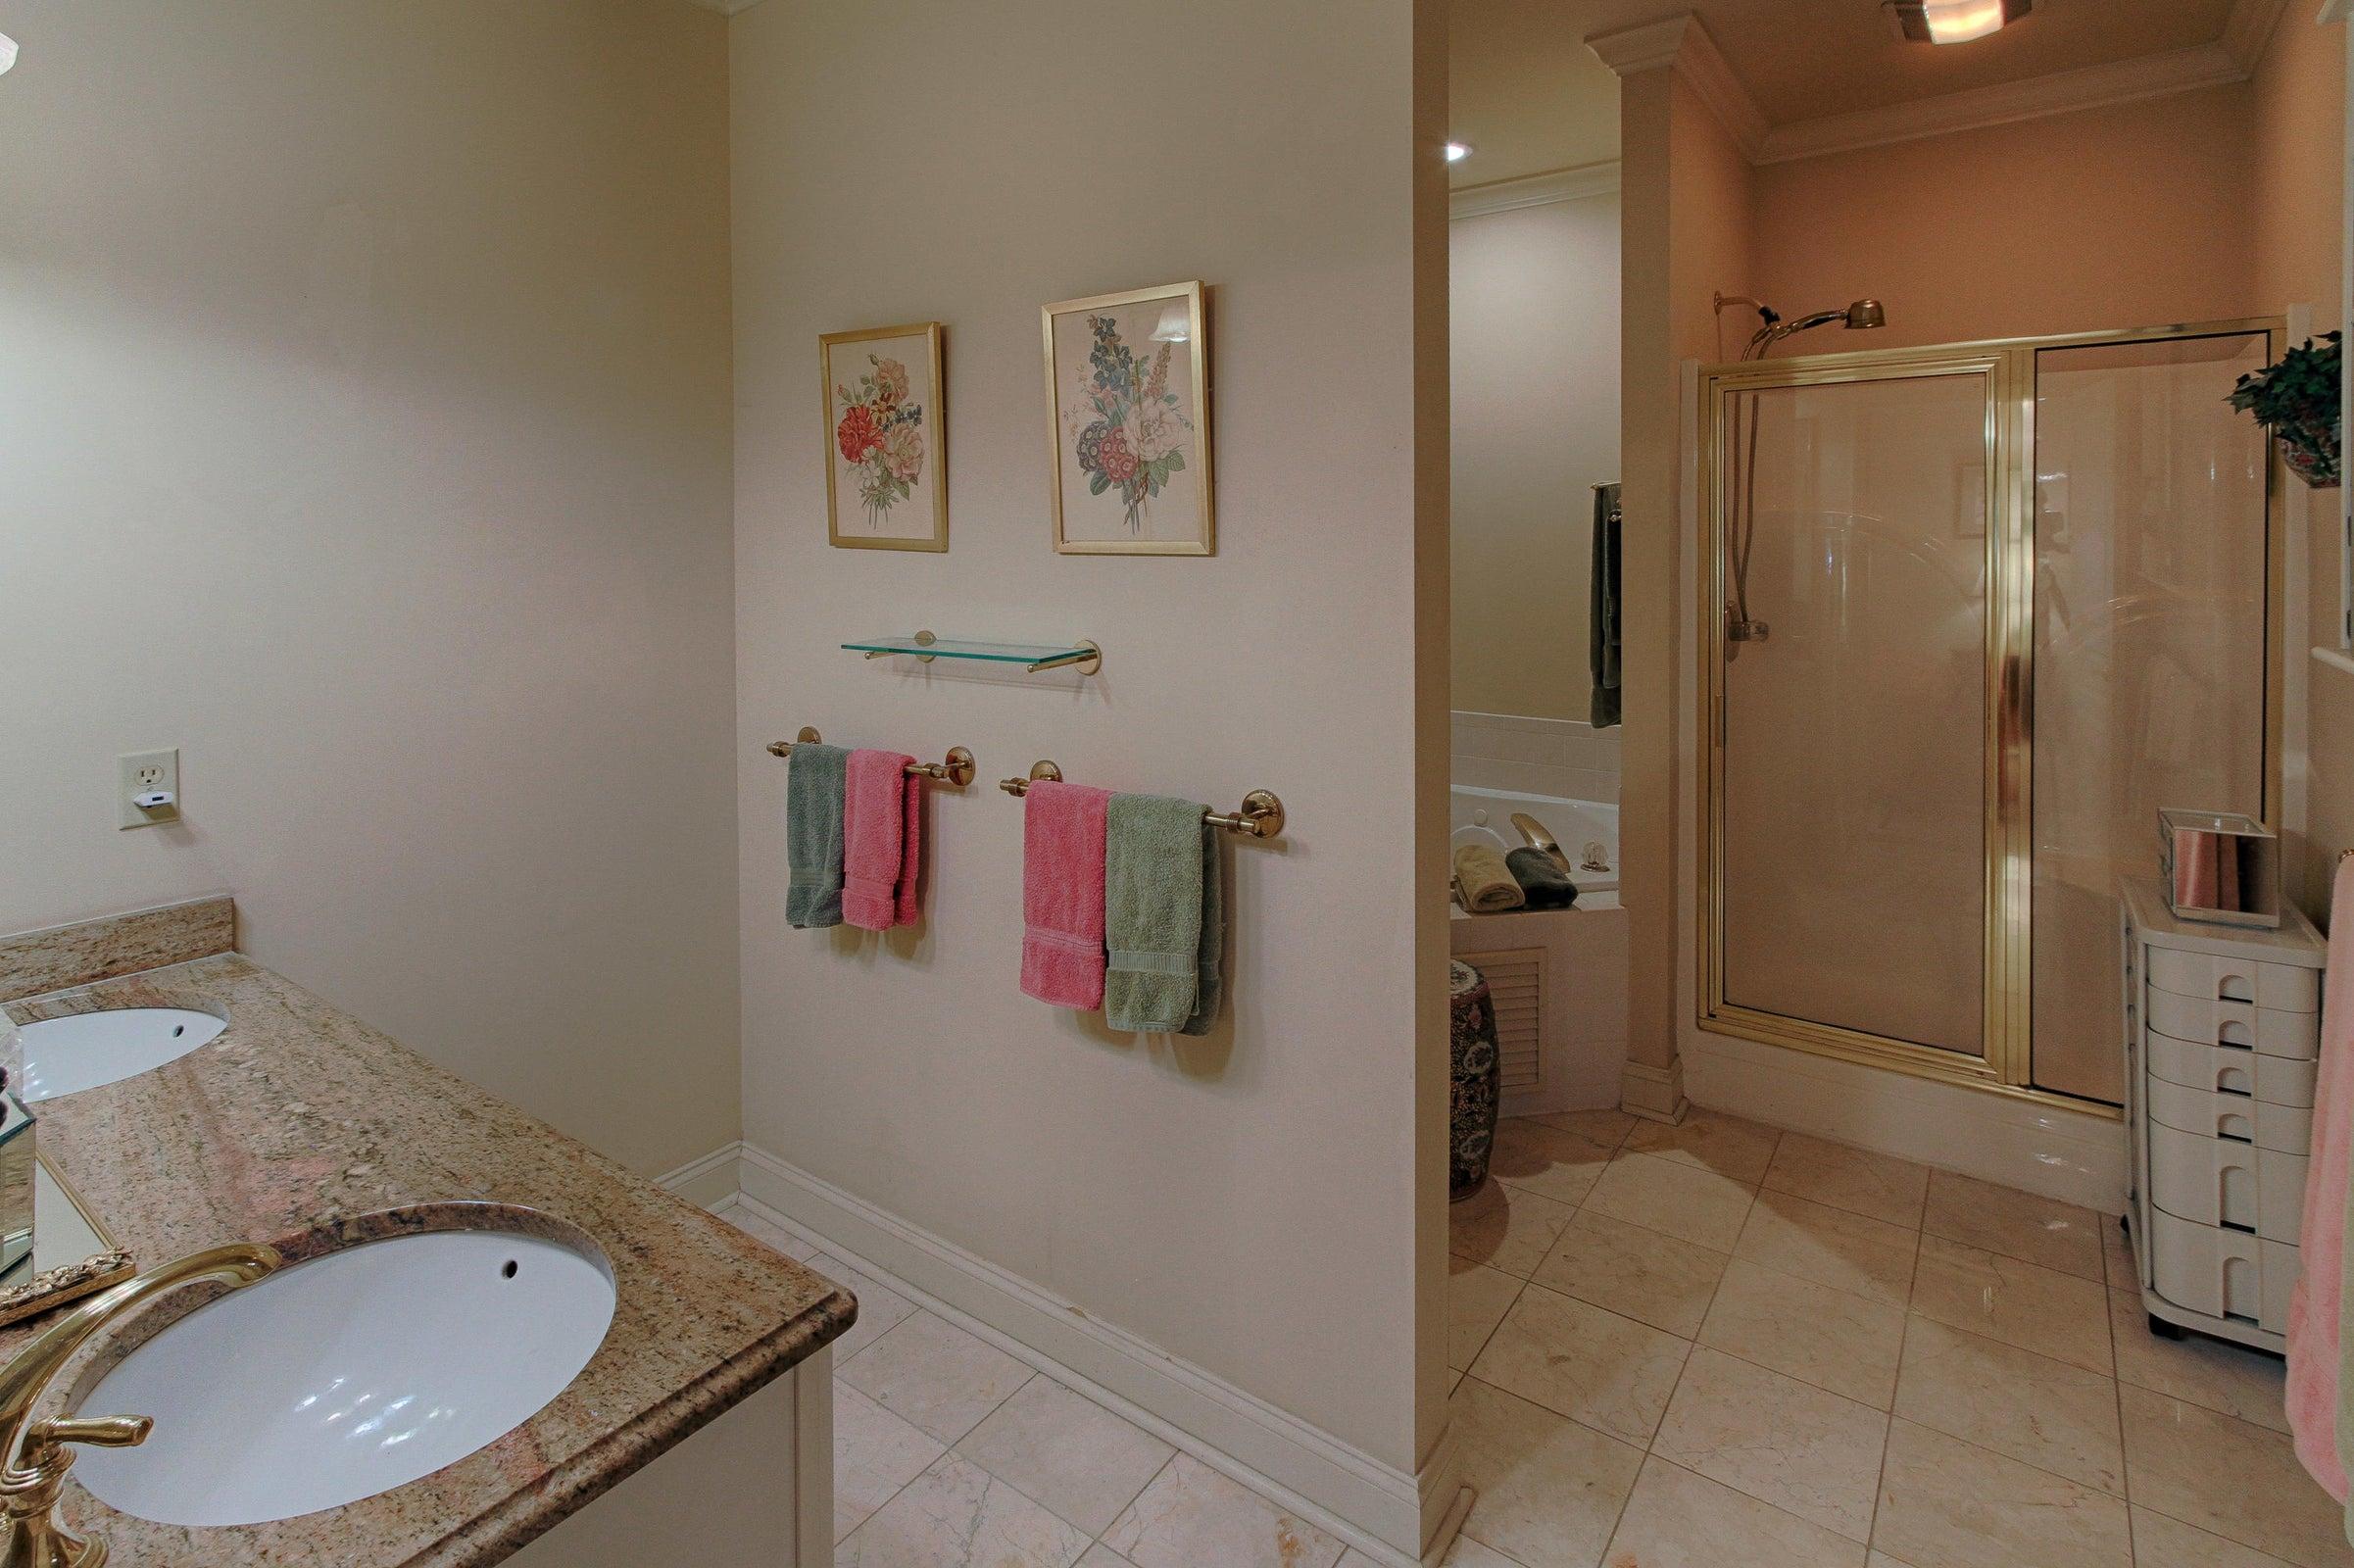 12 - Spacous Master Bath